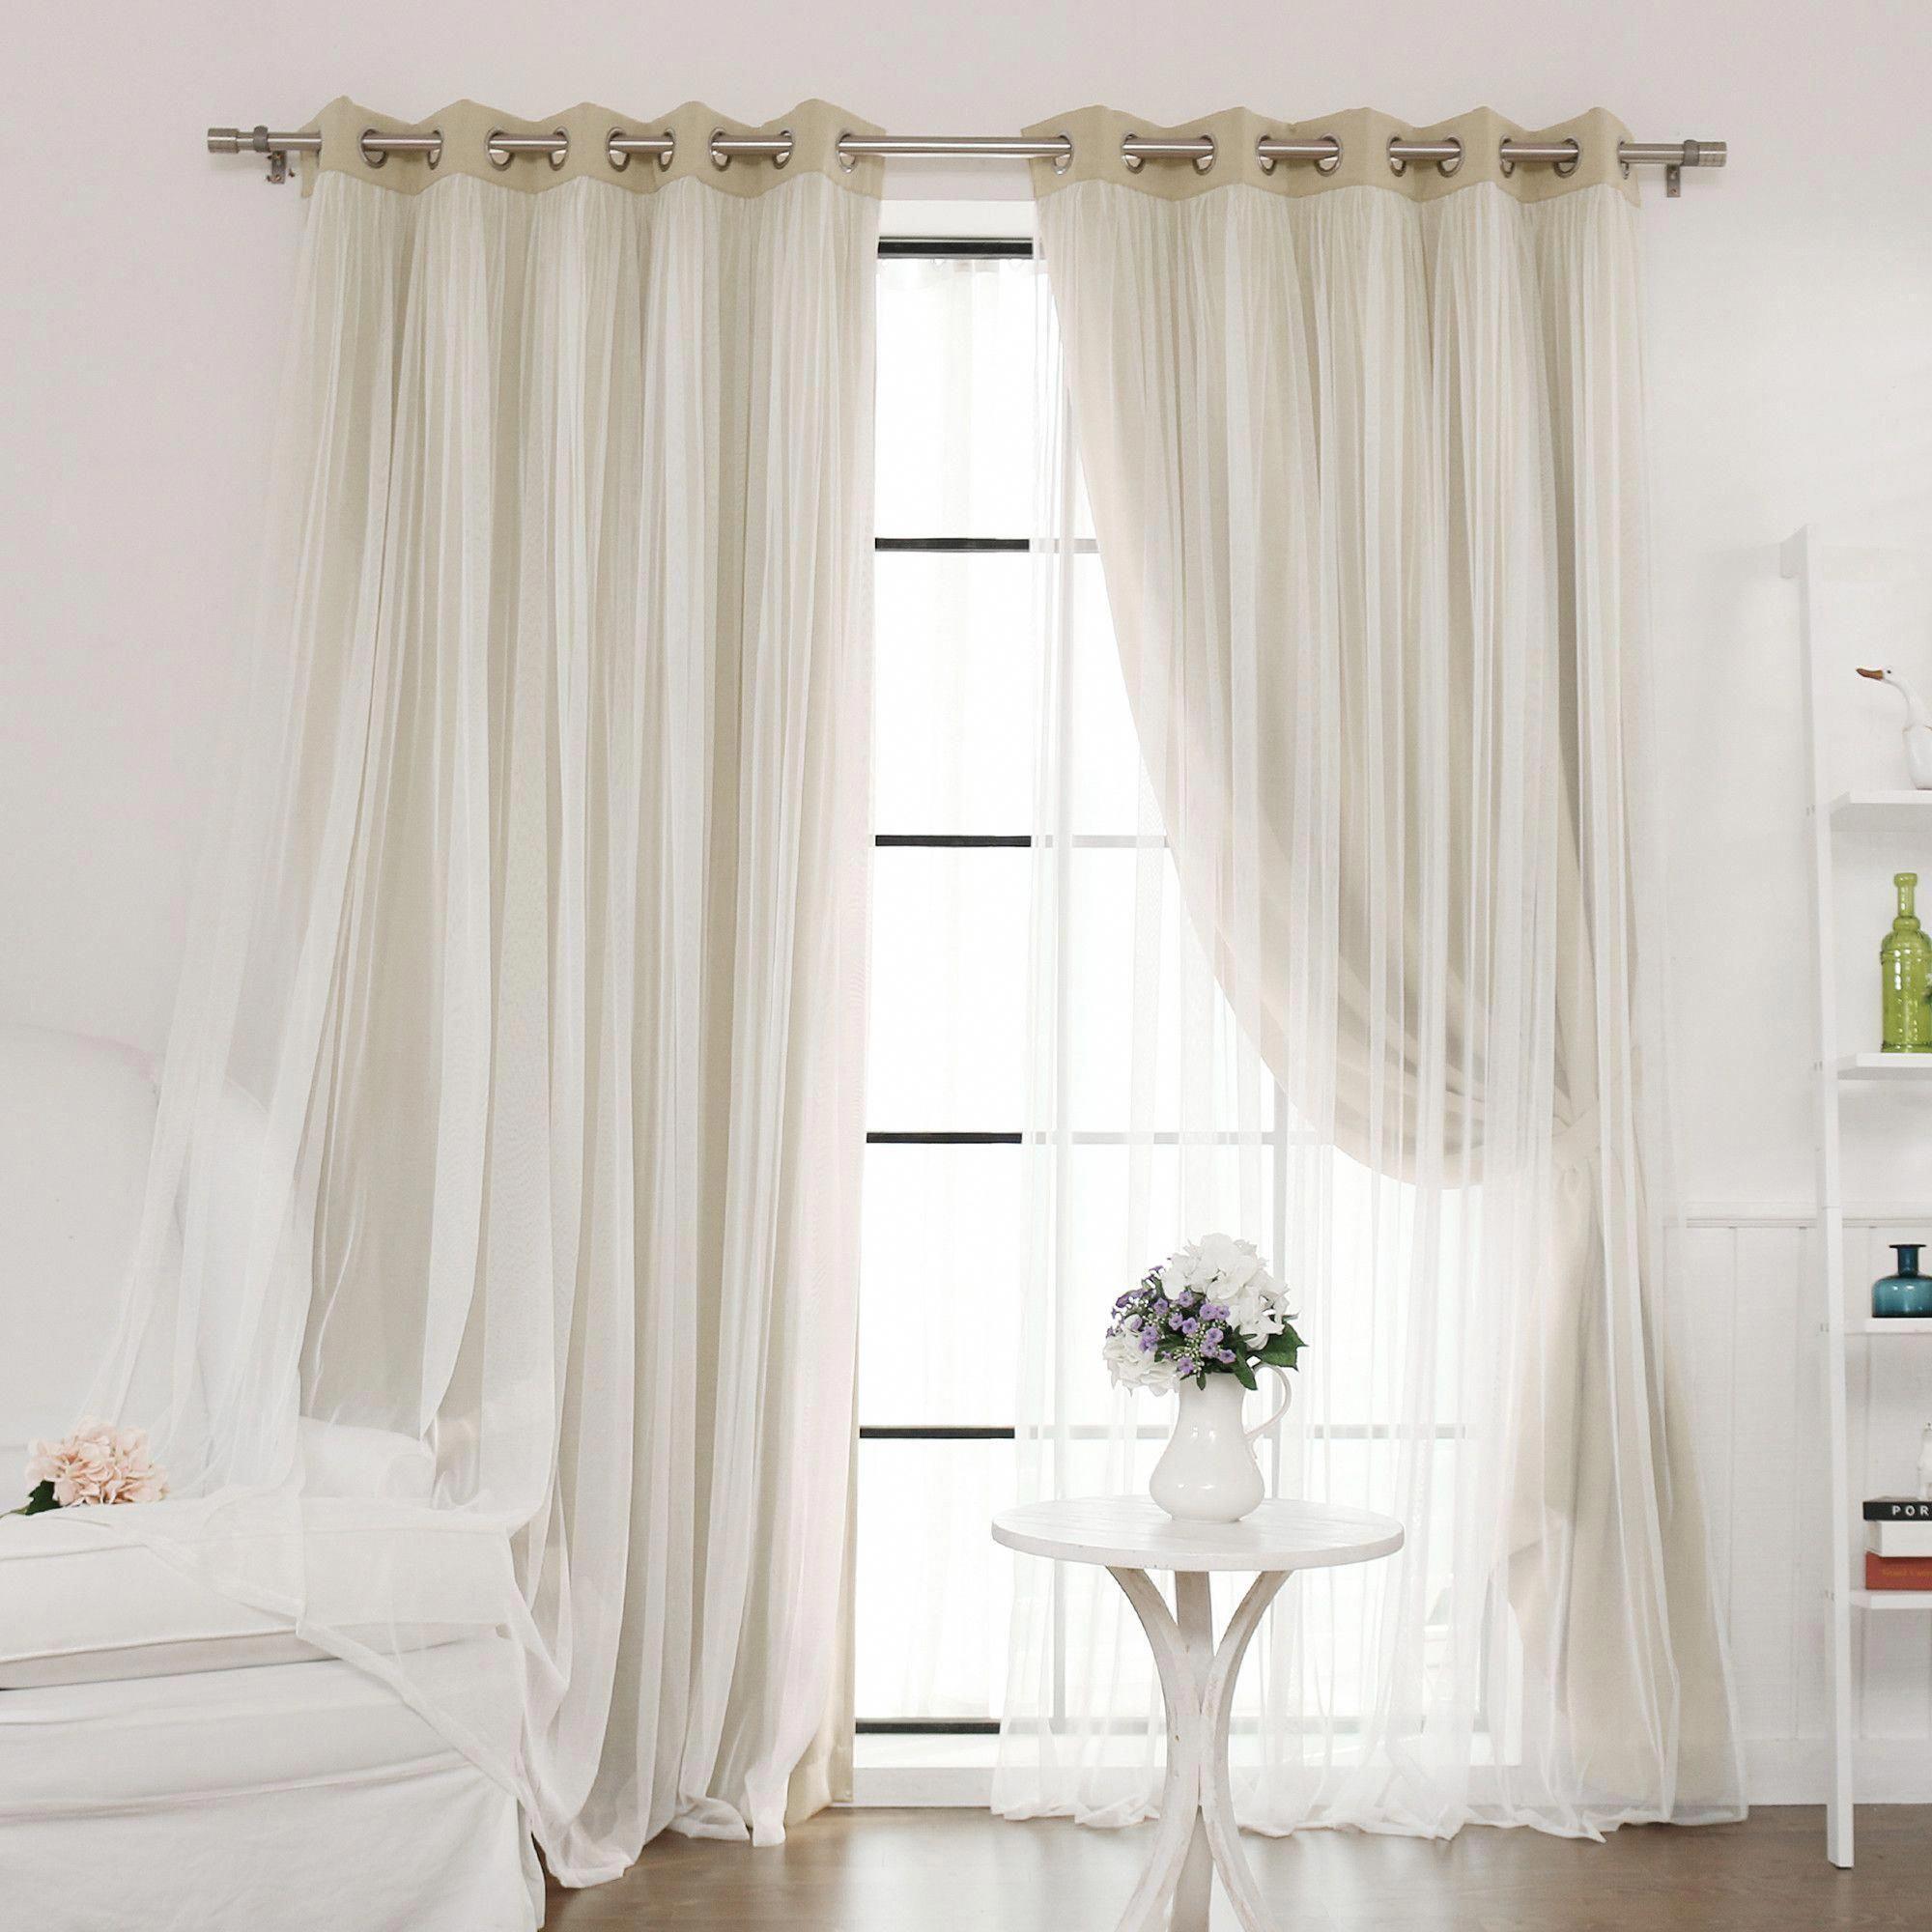 Tulle Blackout Curtains Bestblackoutcurtainsforbedroomsandlivingrooms Roomdarkeningideas Blackoutcurt Curtains Living Room Dining Room Curtains Cool Curtains